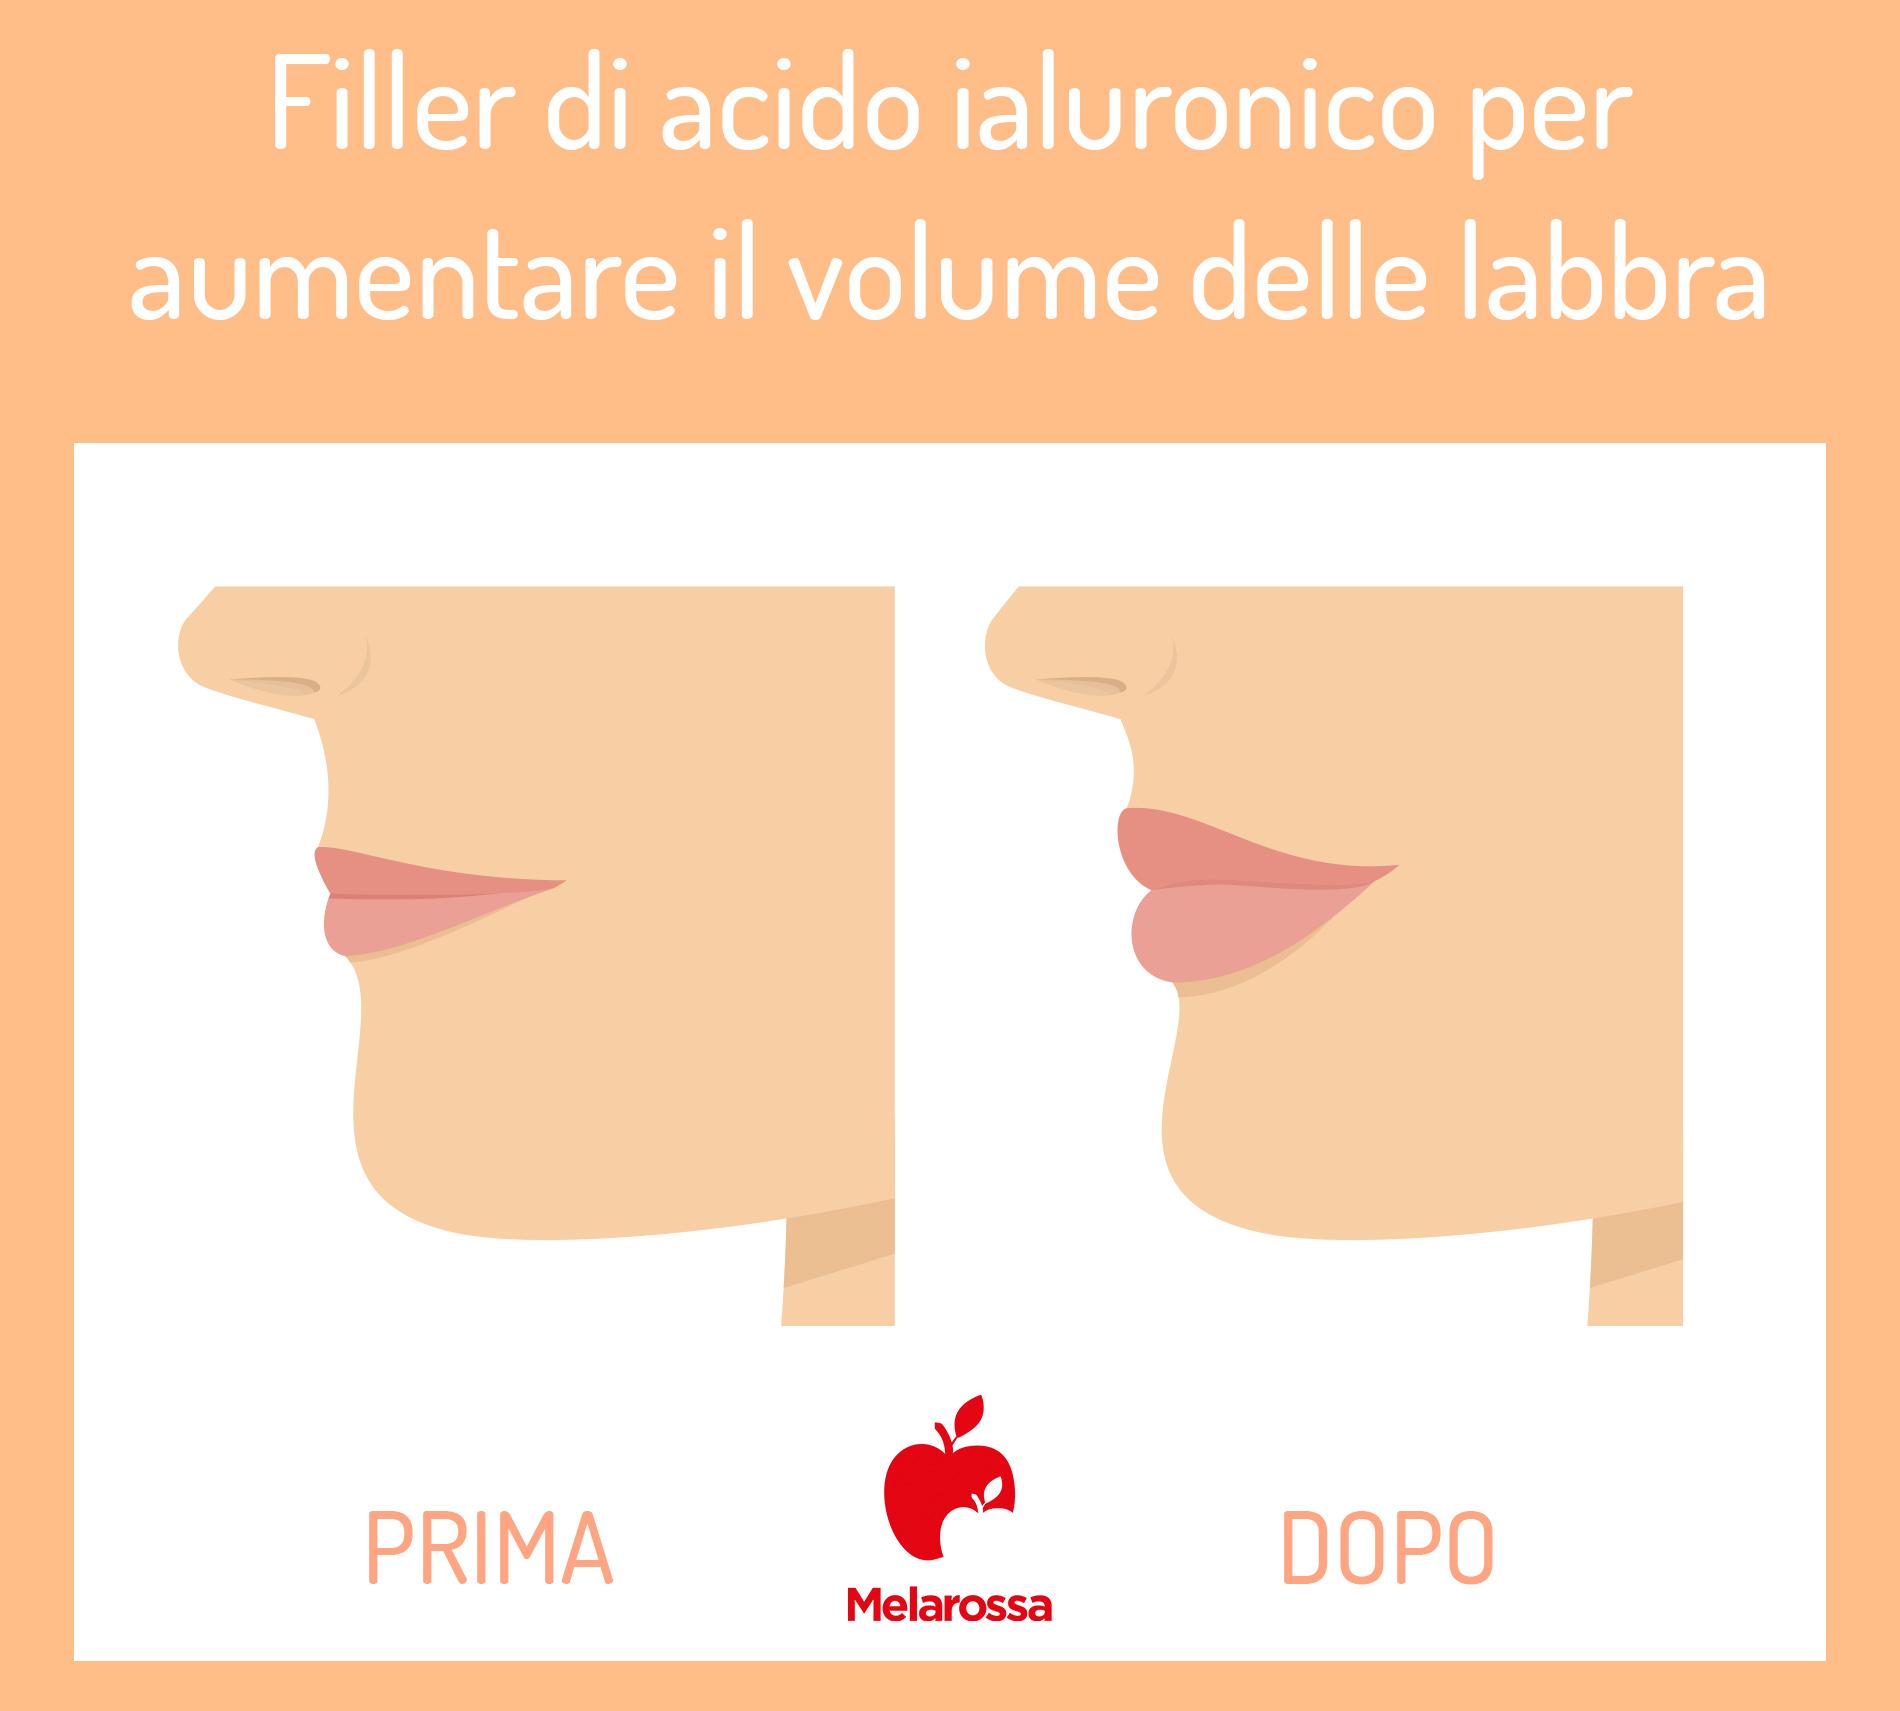 acido ialuronico:  filler per labbra